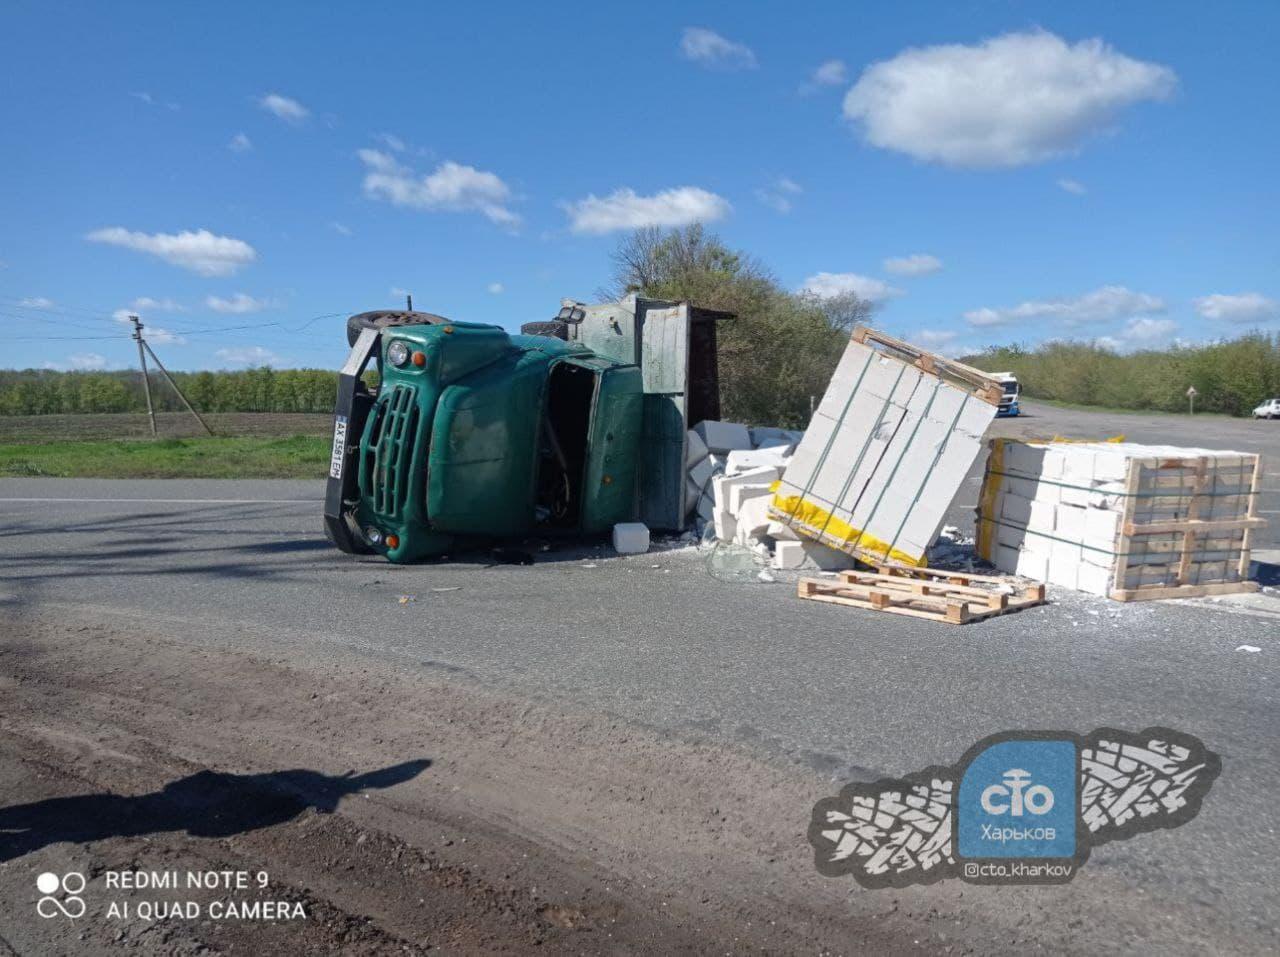 Под Харьковом перевернулся грузовик с товаром (фото)